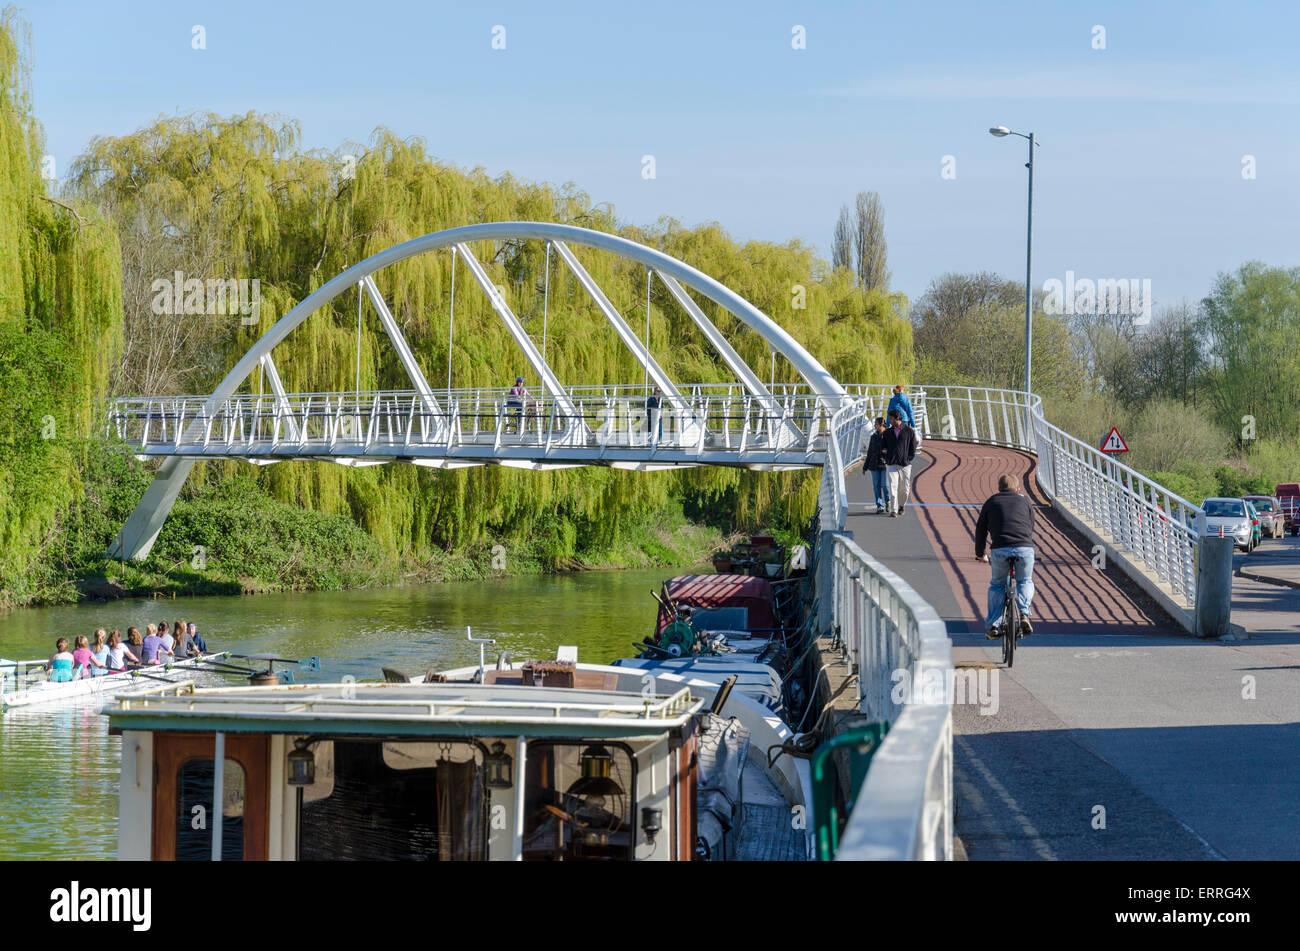 Riverside-Brücke. Fuß- und Brücke eröffnet 2008 kostet £3. 1m, teilweise finanziert durch Tesco Stockfoto